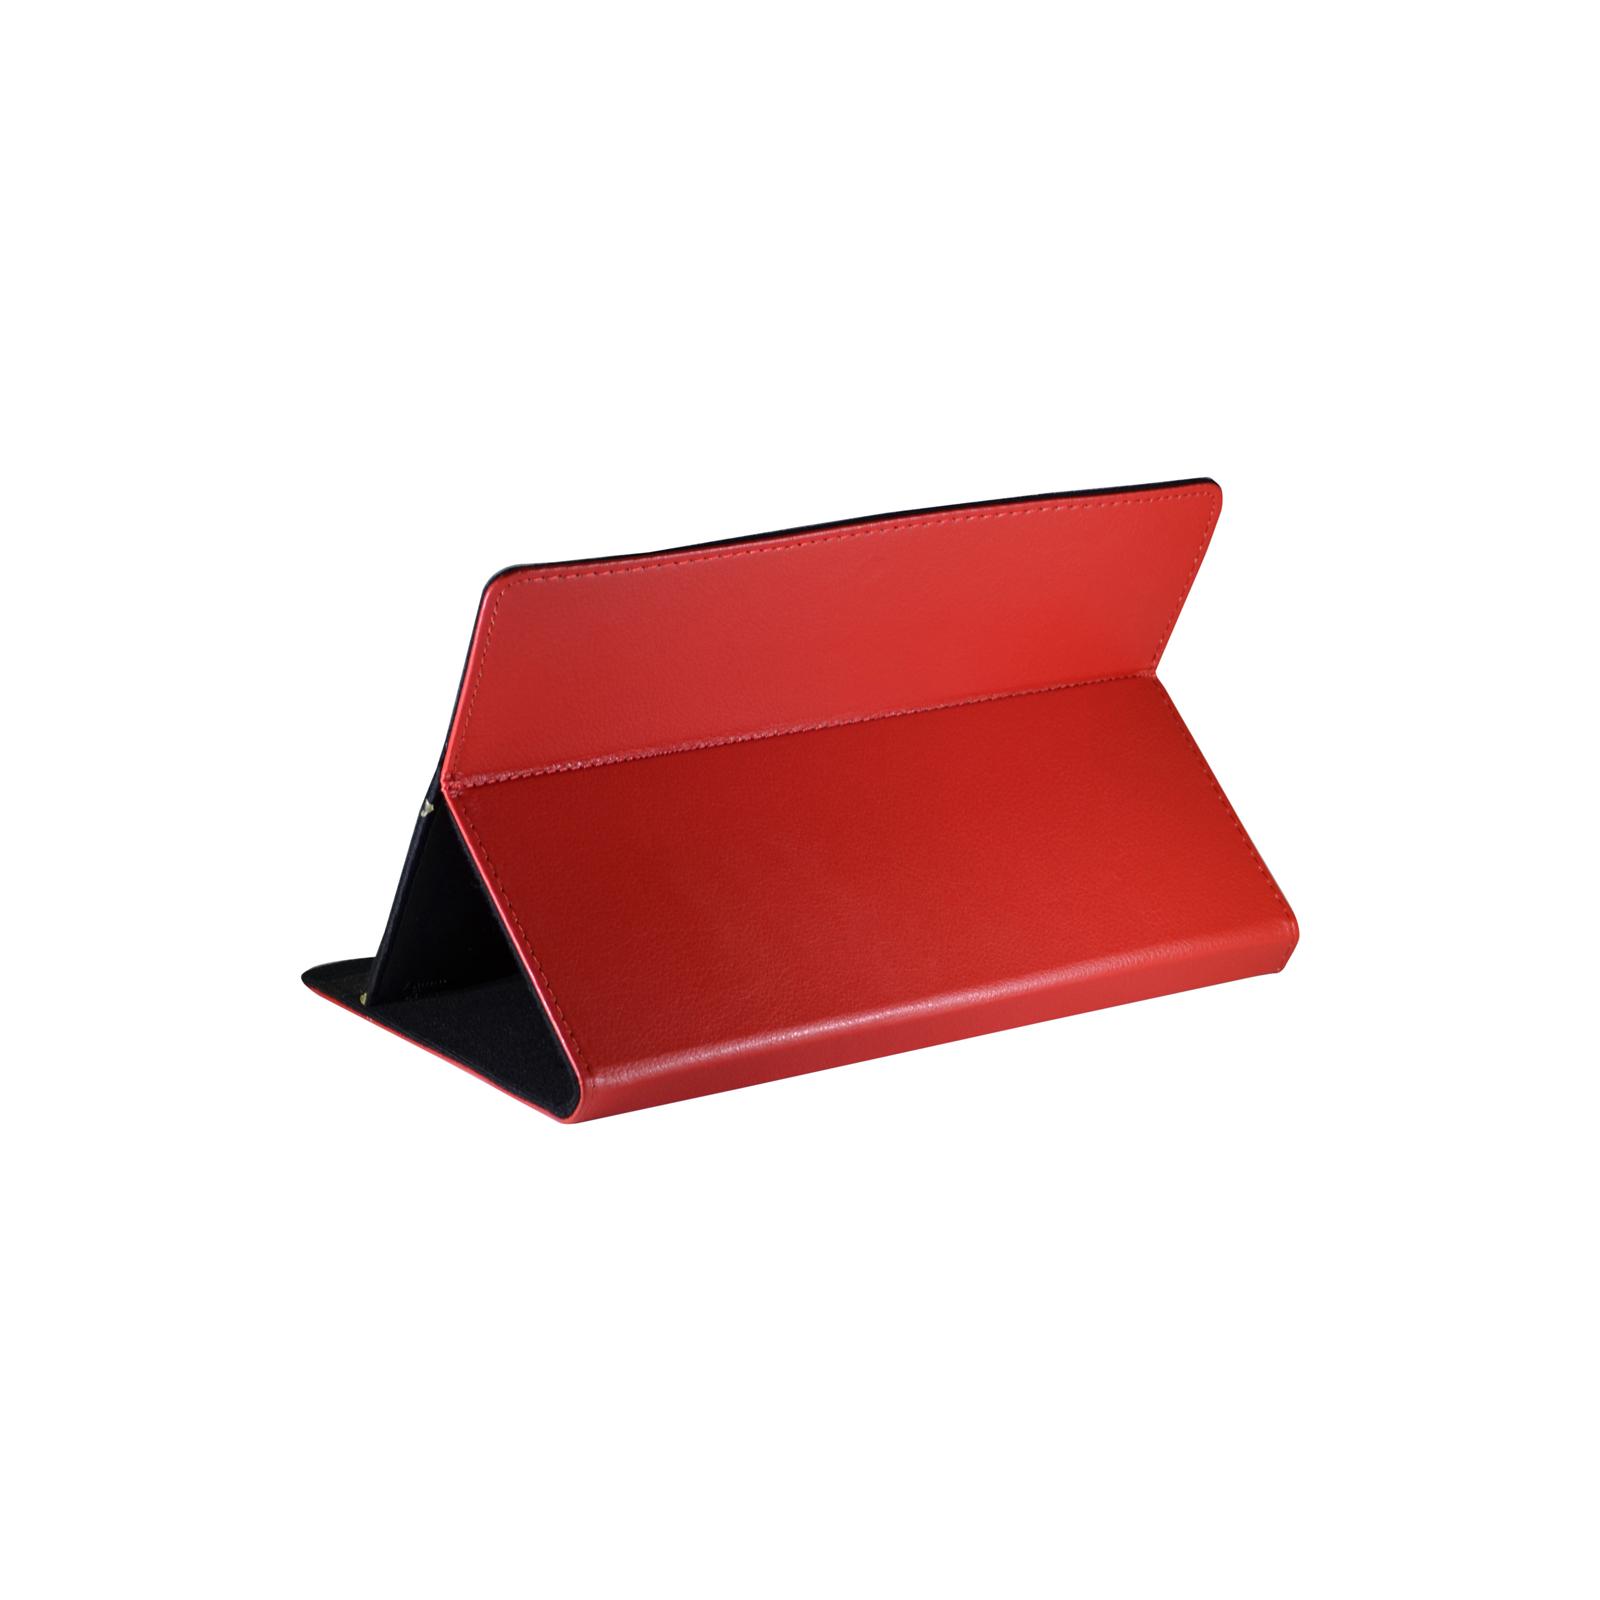 """Чехол для планшета Pro-case 7"""" универсальный case fits up red (UNS-011 r) изображение 4"""